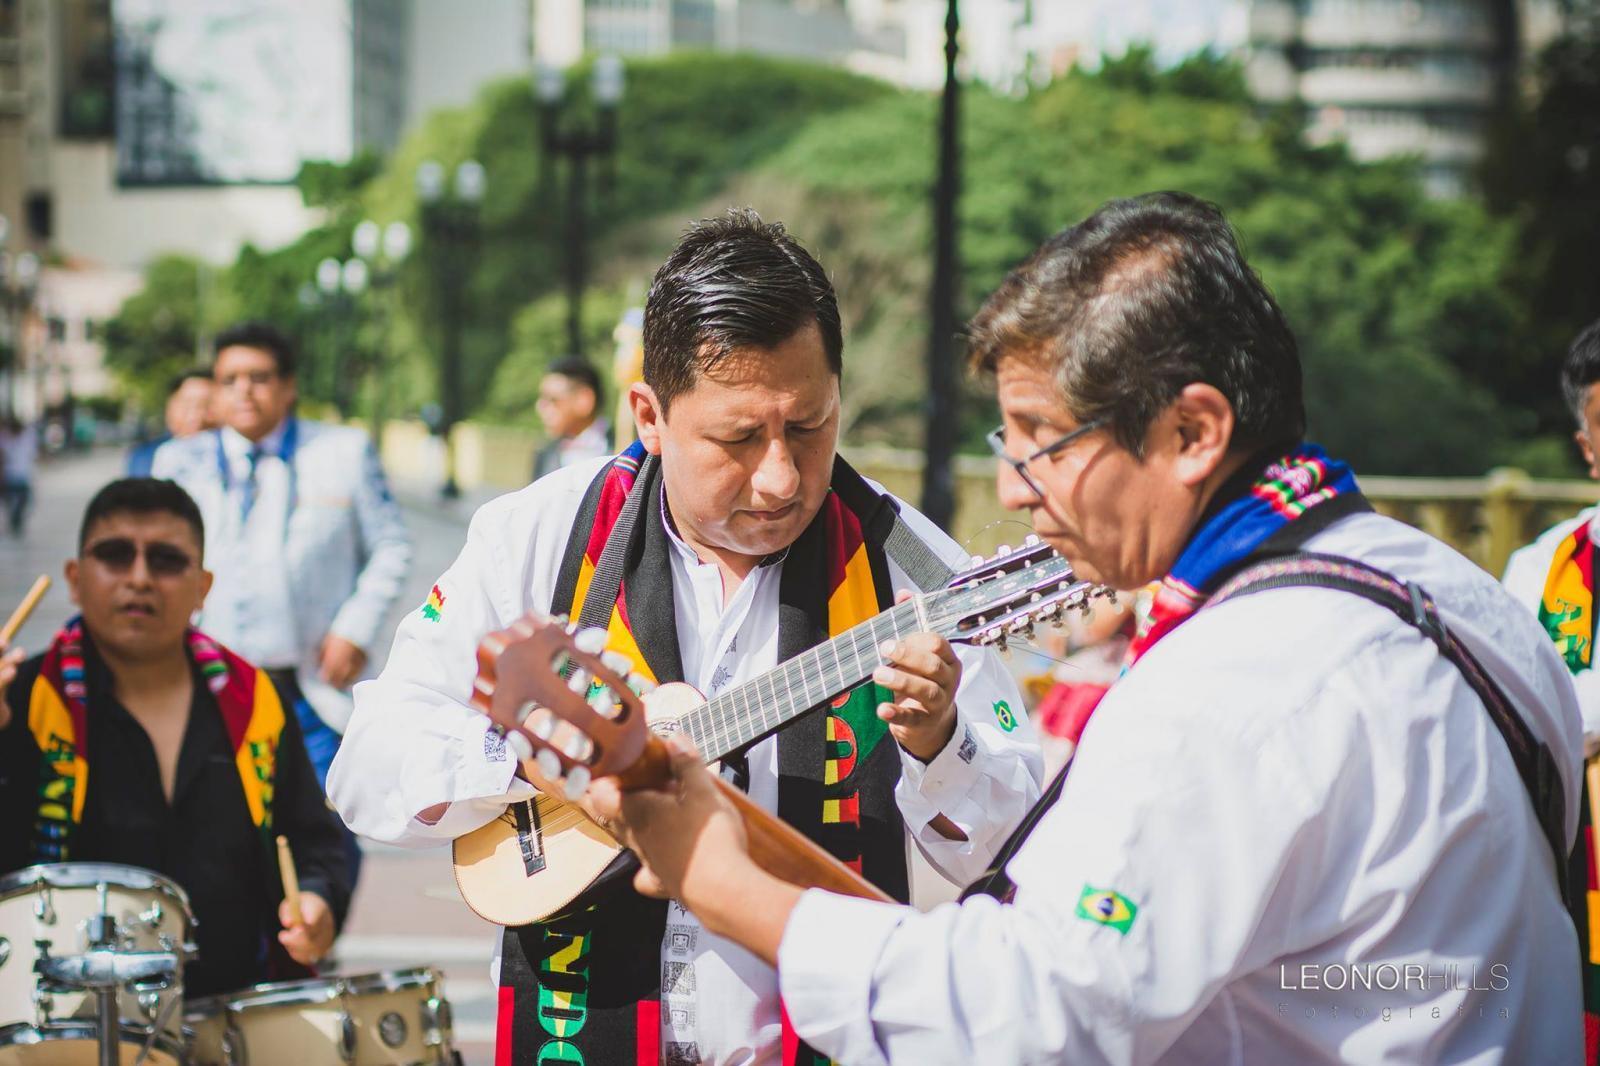 Dança bandeira da boliviana, a MORENADA no viaduto do Chá em São Paulo